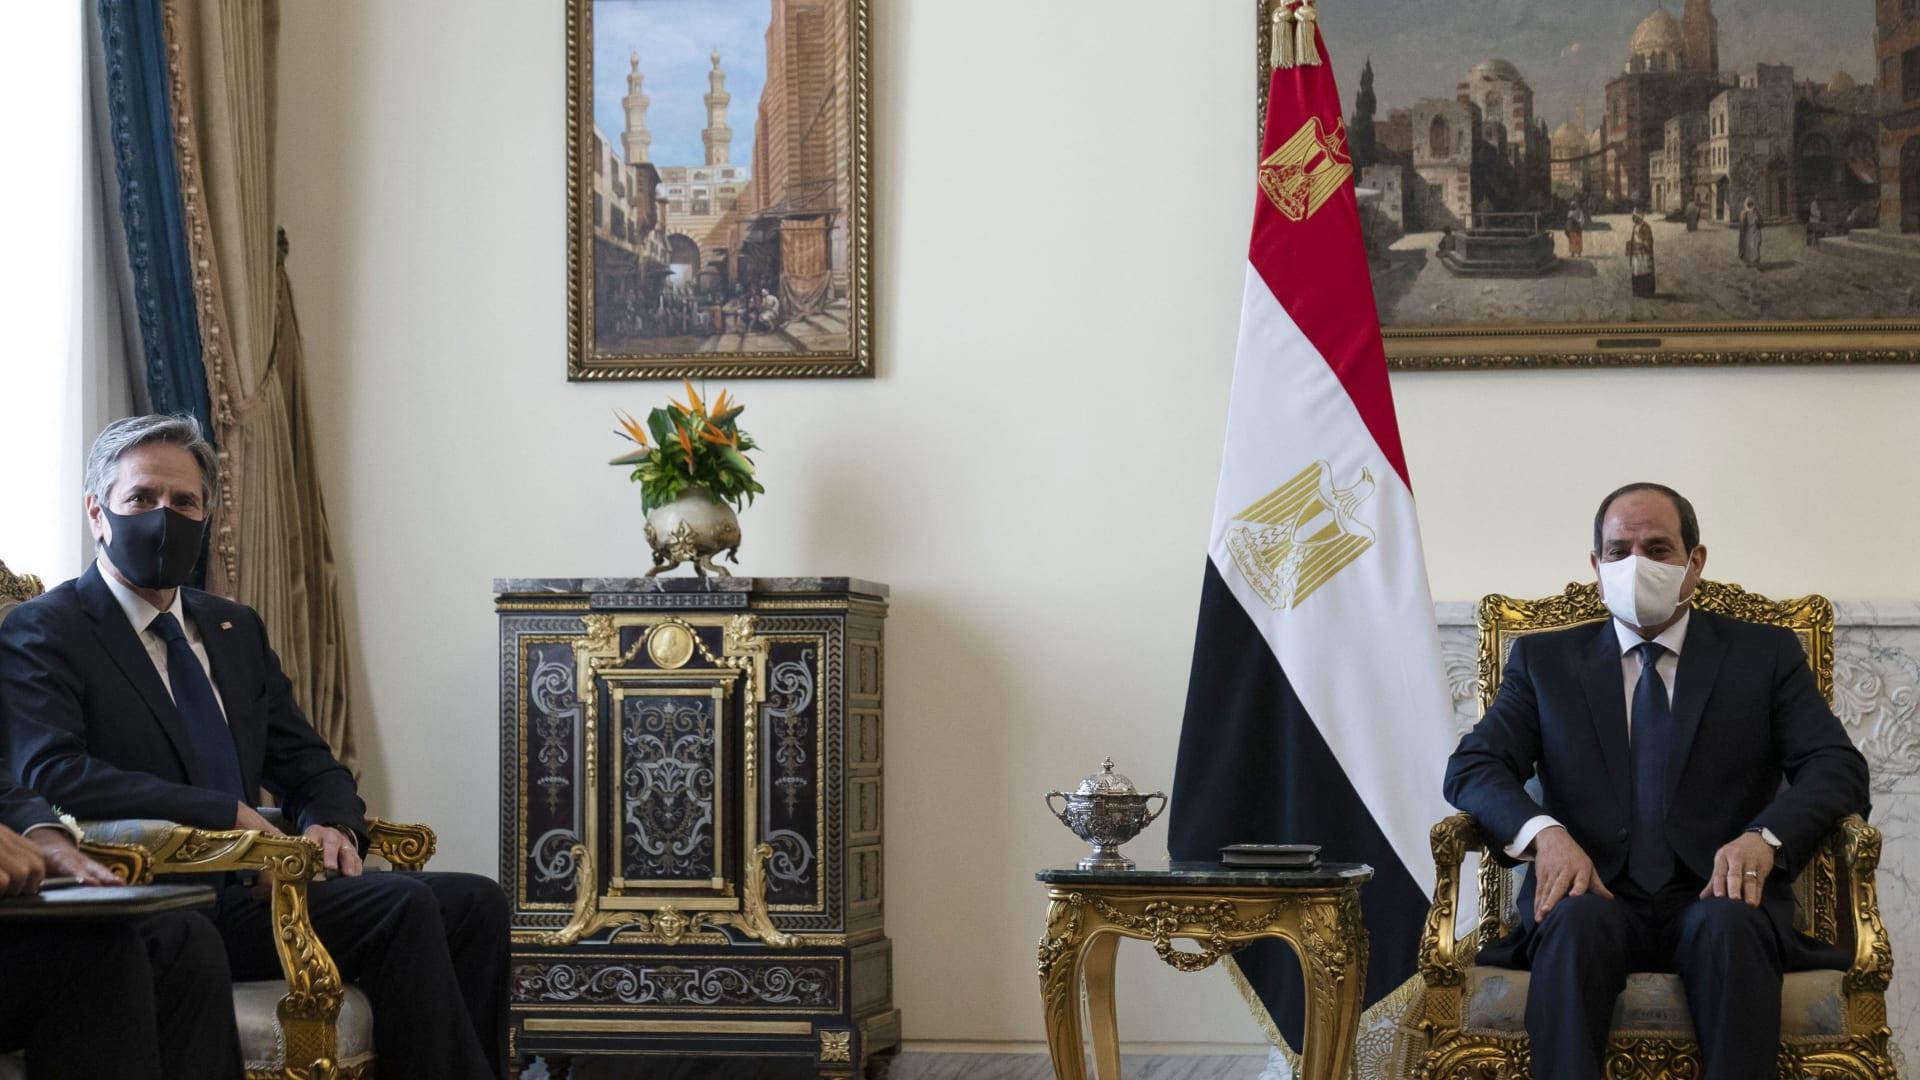 لقاء الرئيس المصري عبدالفتاح السيسي ووزير الخارجية الأمريكي أنتوني بلينكن